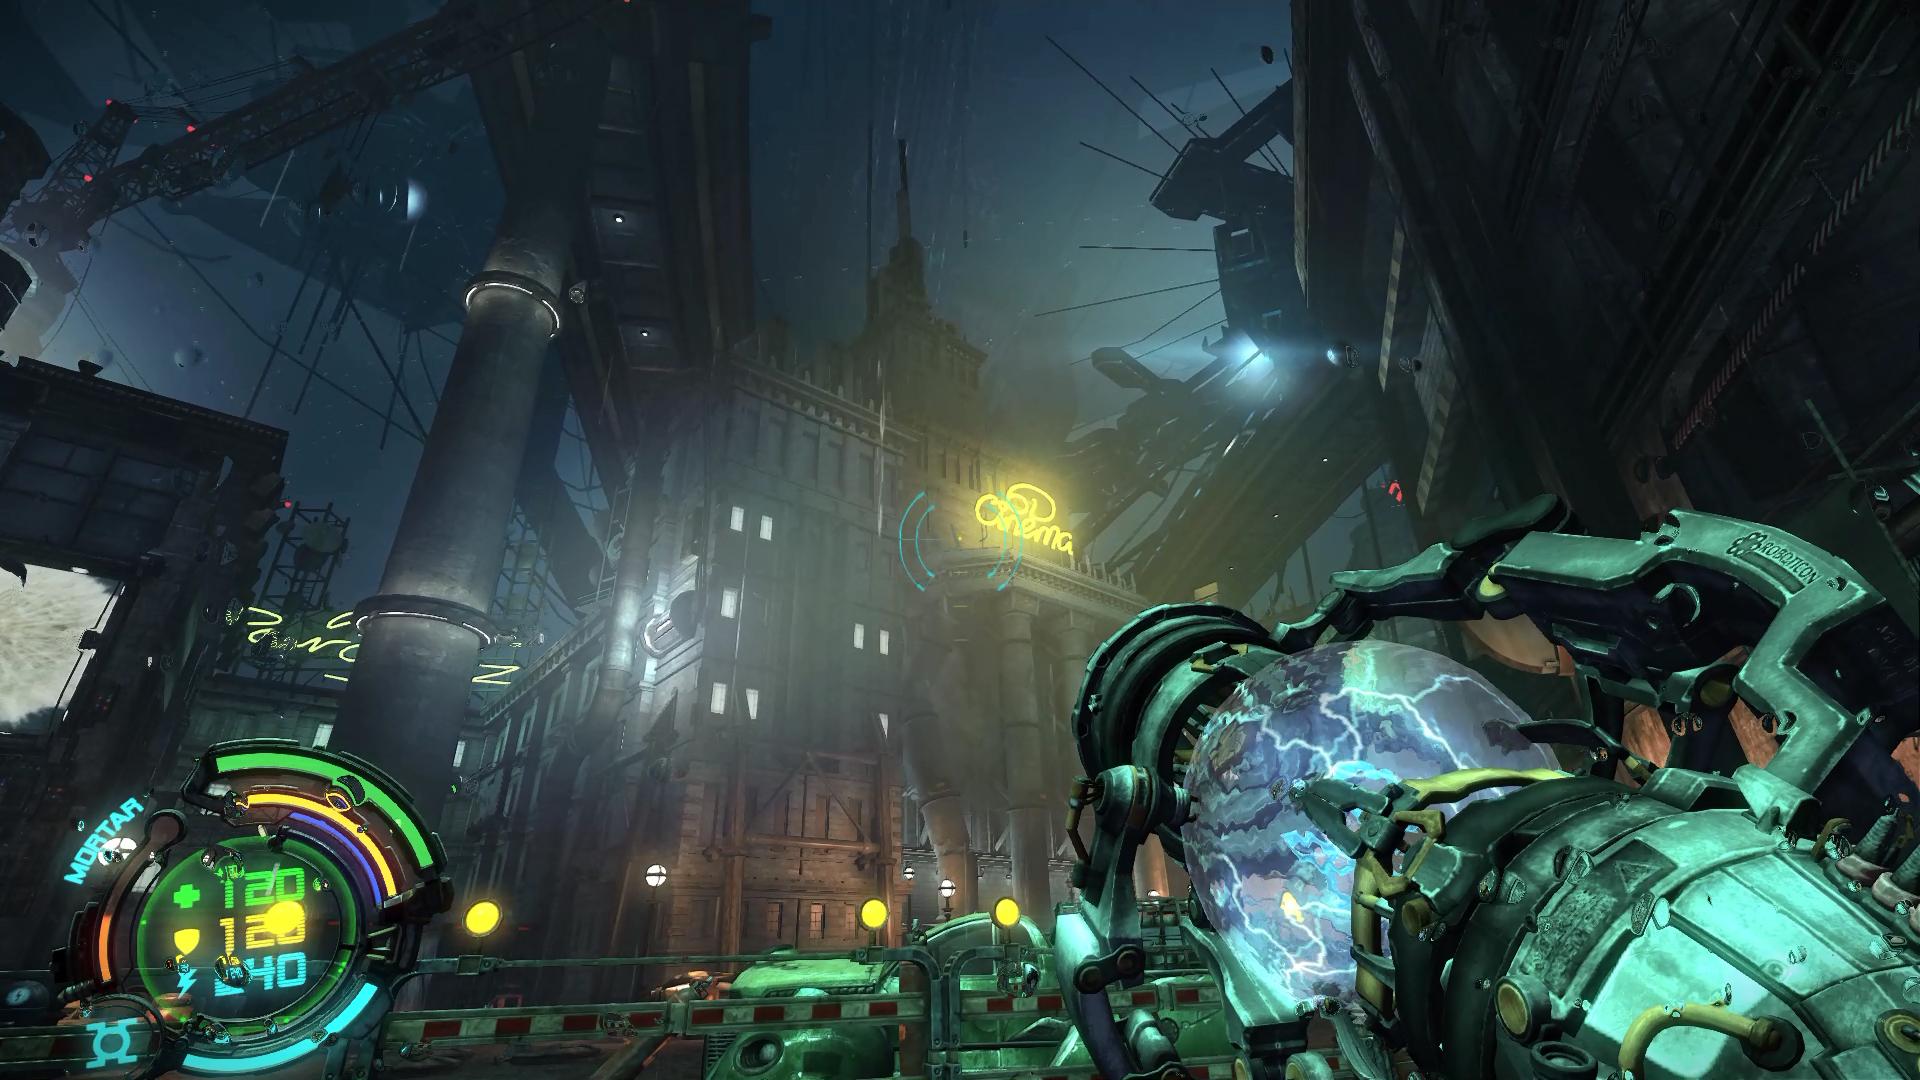 com.steam.407810-screenshot